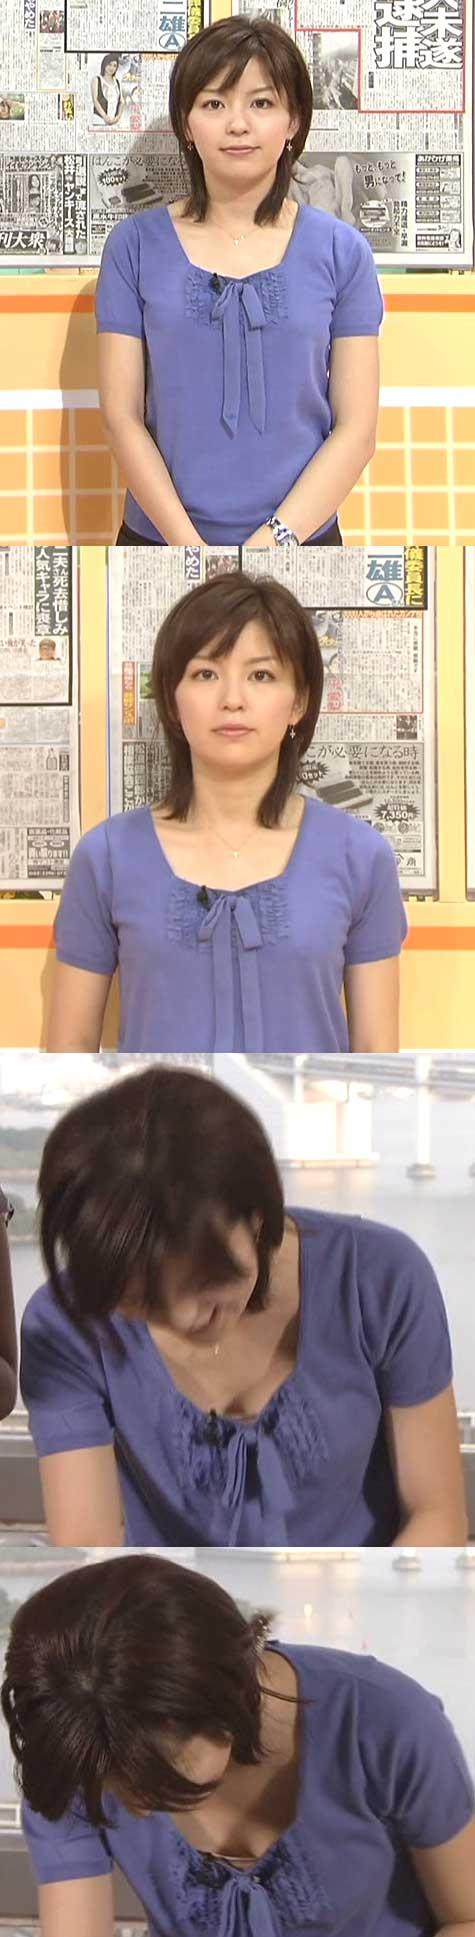 中野美奈子のエロ画像